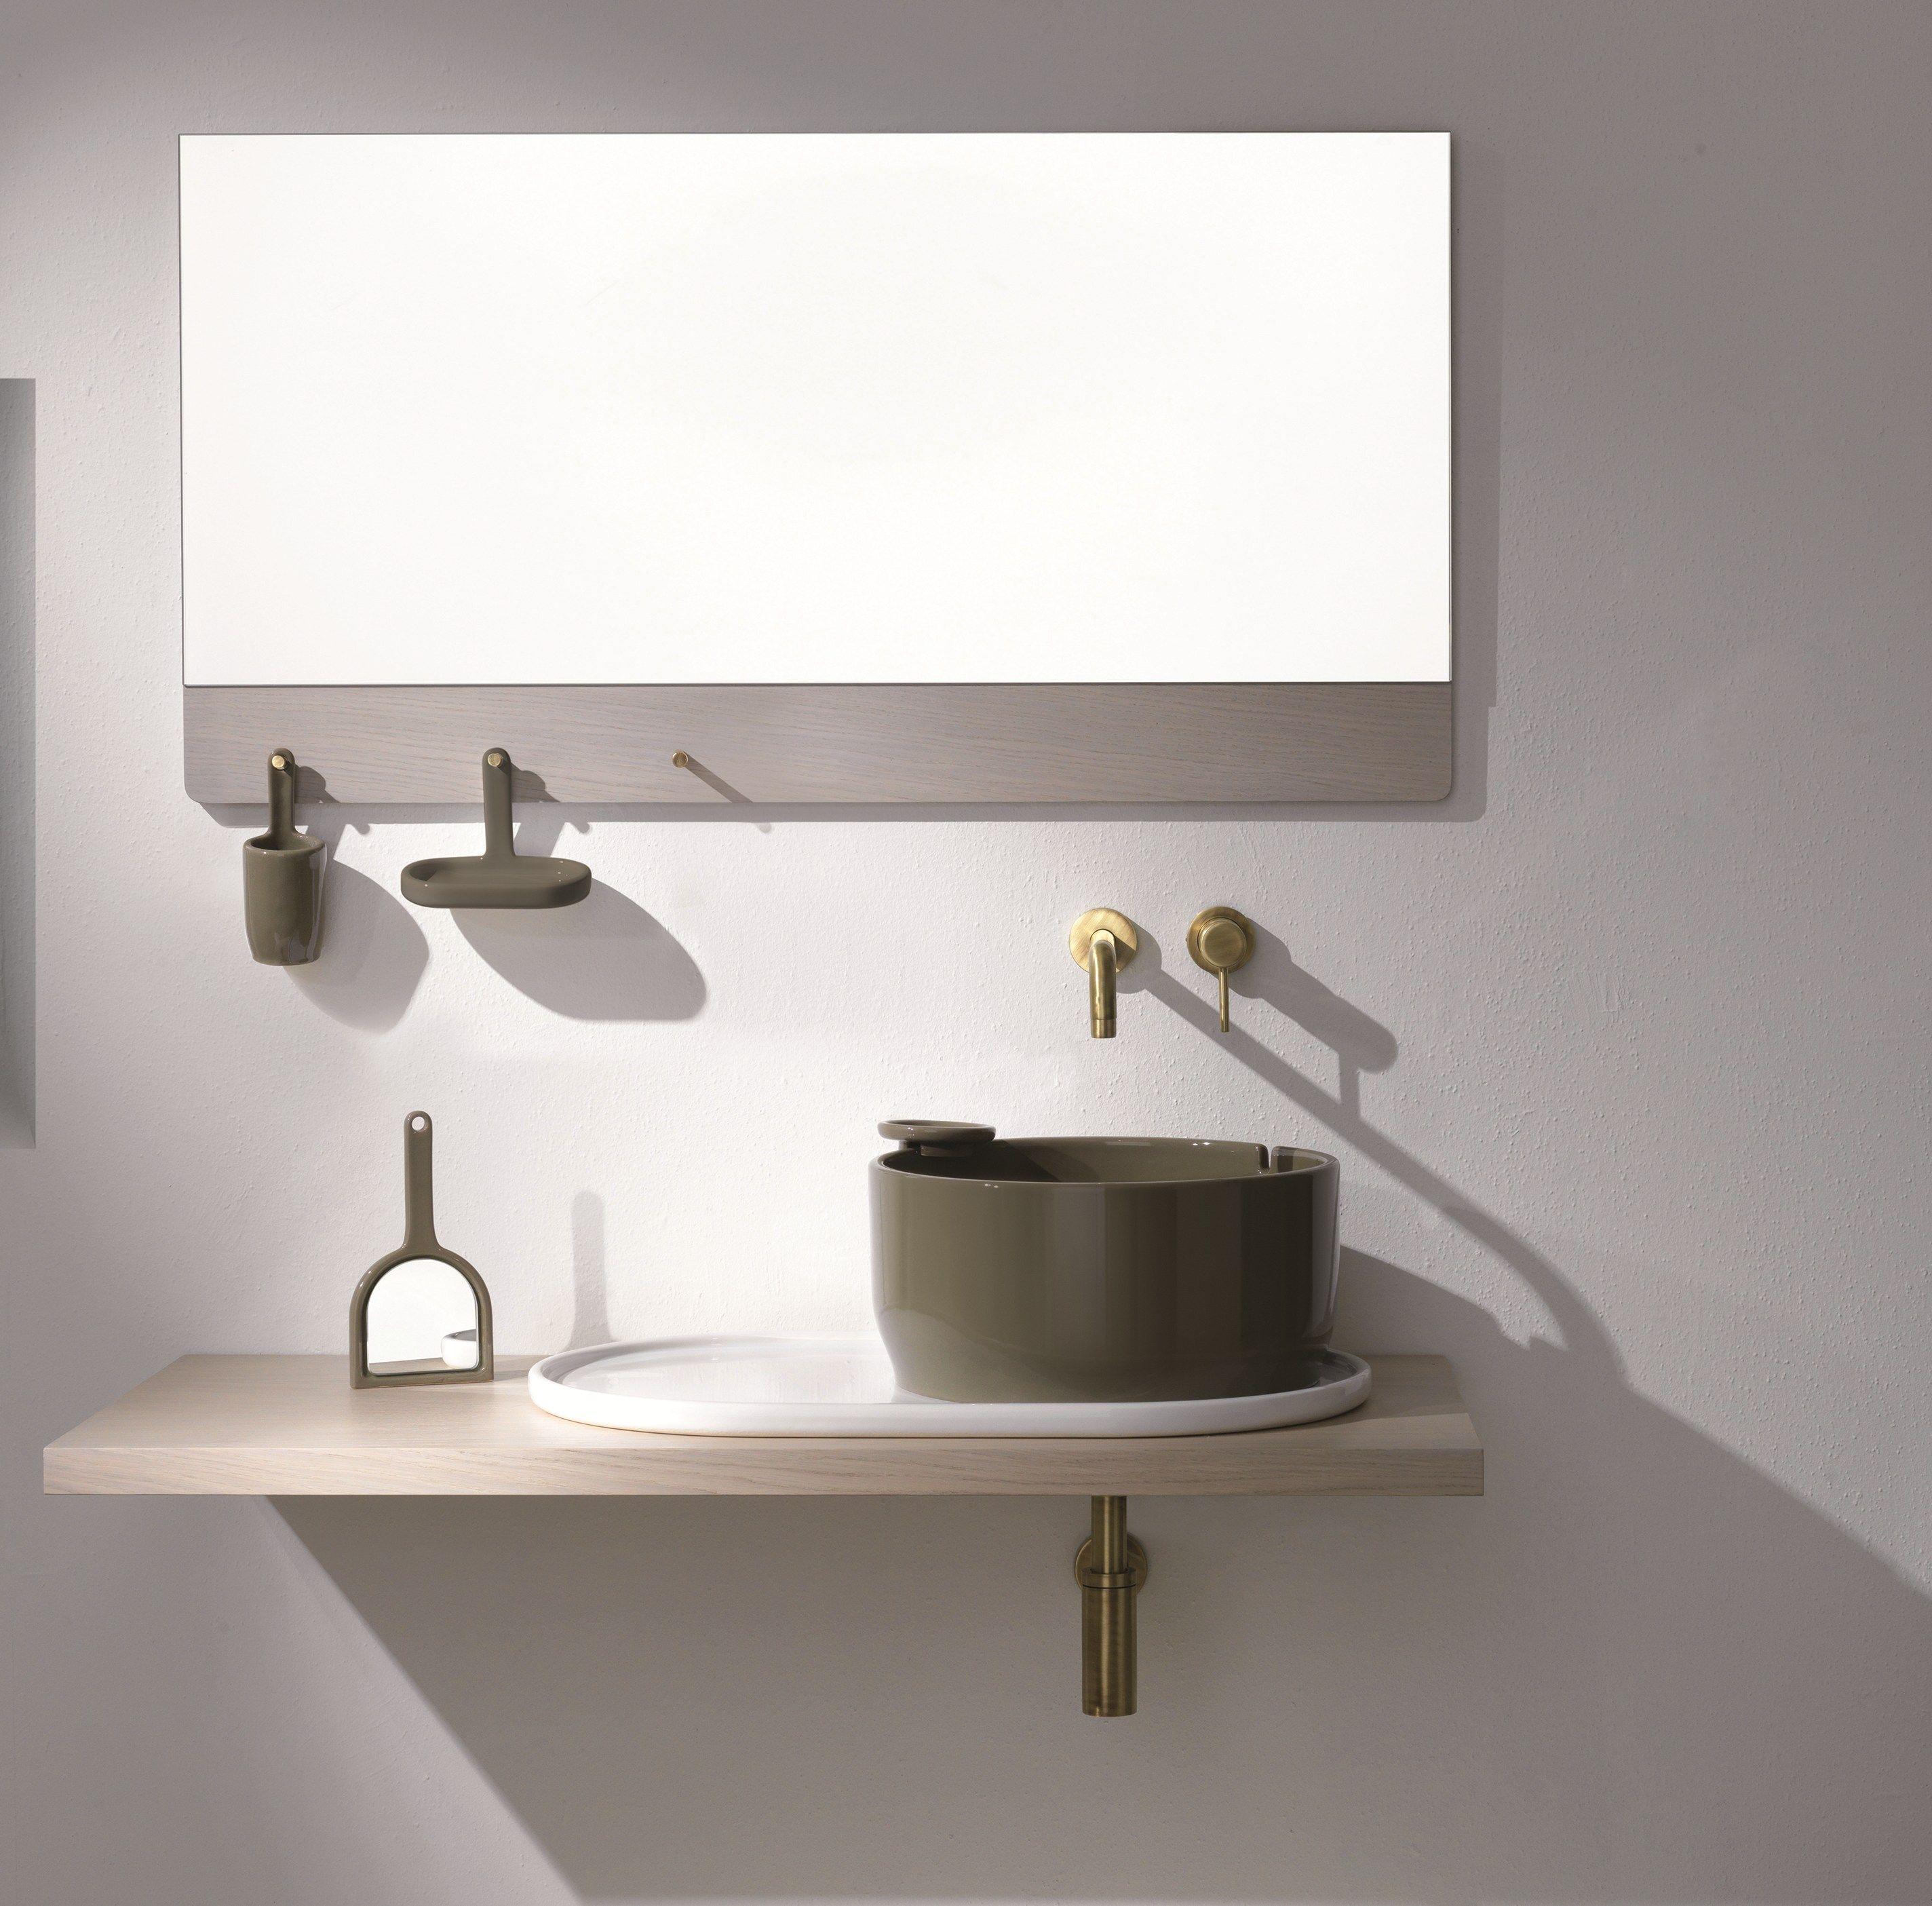 Rundes Aufsatzwaschbecken ukiyo e aufsatzwaschbecken countertop sinks and bath room